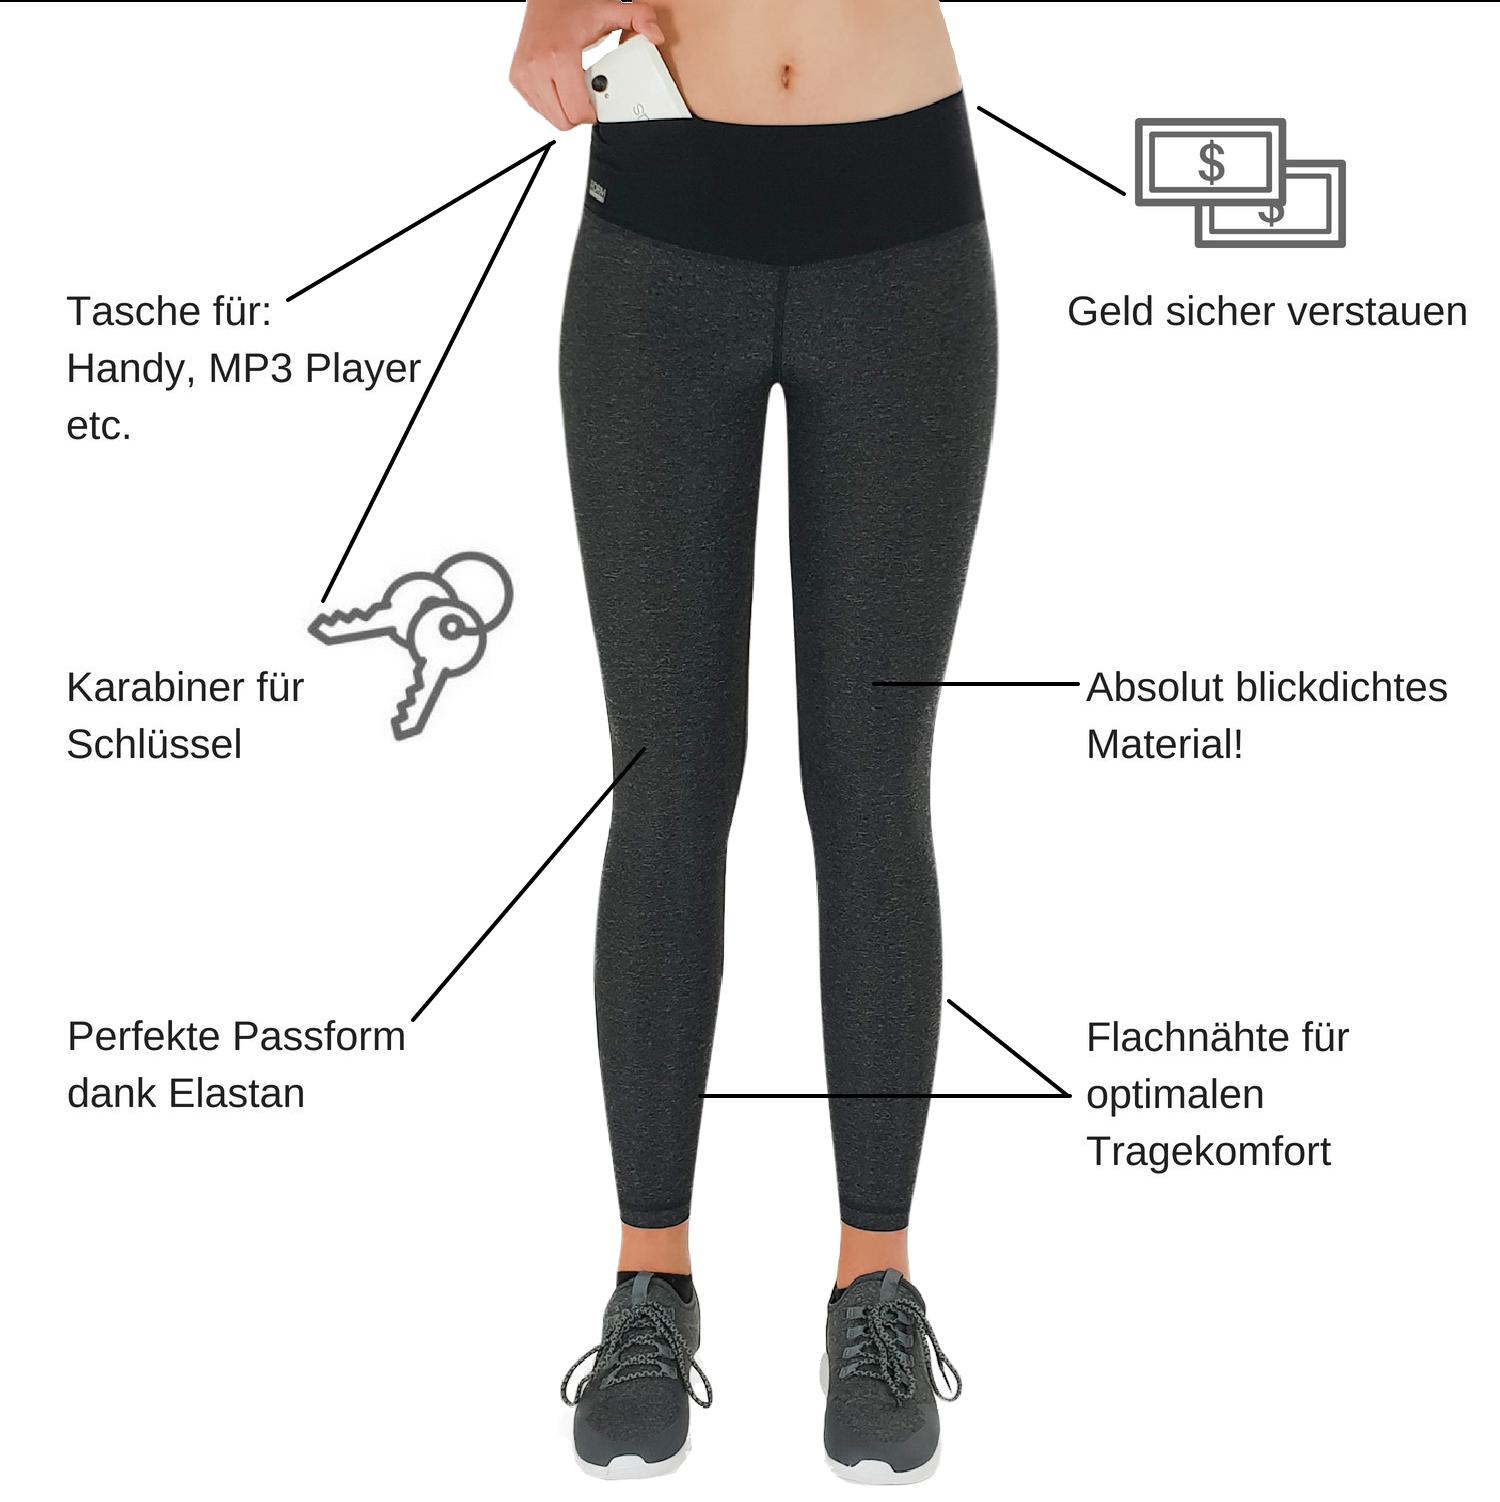 damen sport leggings schwarz grau mit taschen online g nstig kaufen. Black Bedroom Furniture Sets. Home Design Ideas